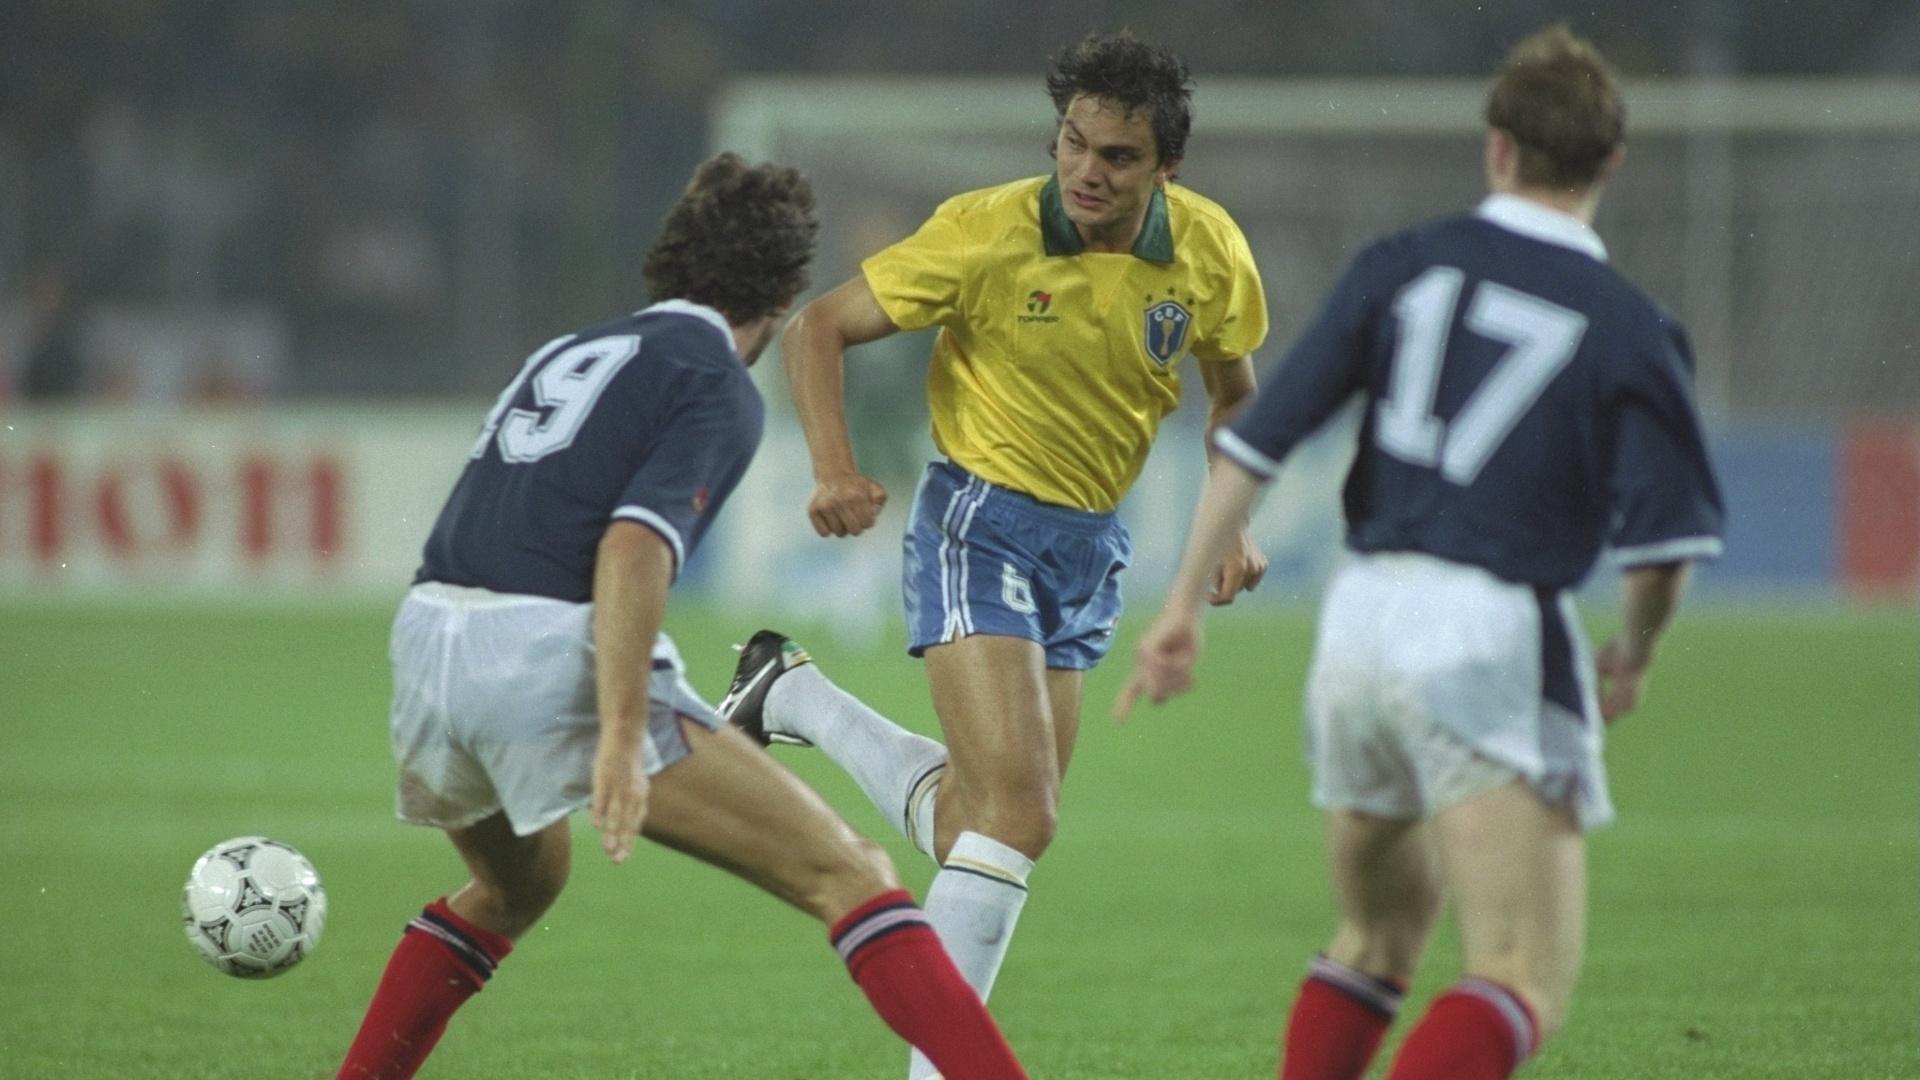 Branco em ação pela seleção brasileira na Copa do Mundo de 1990